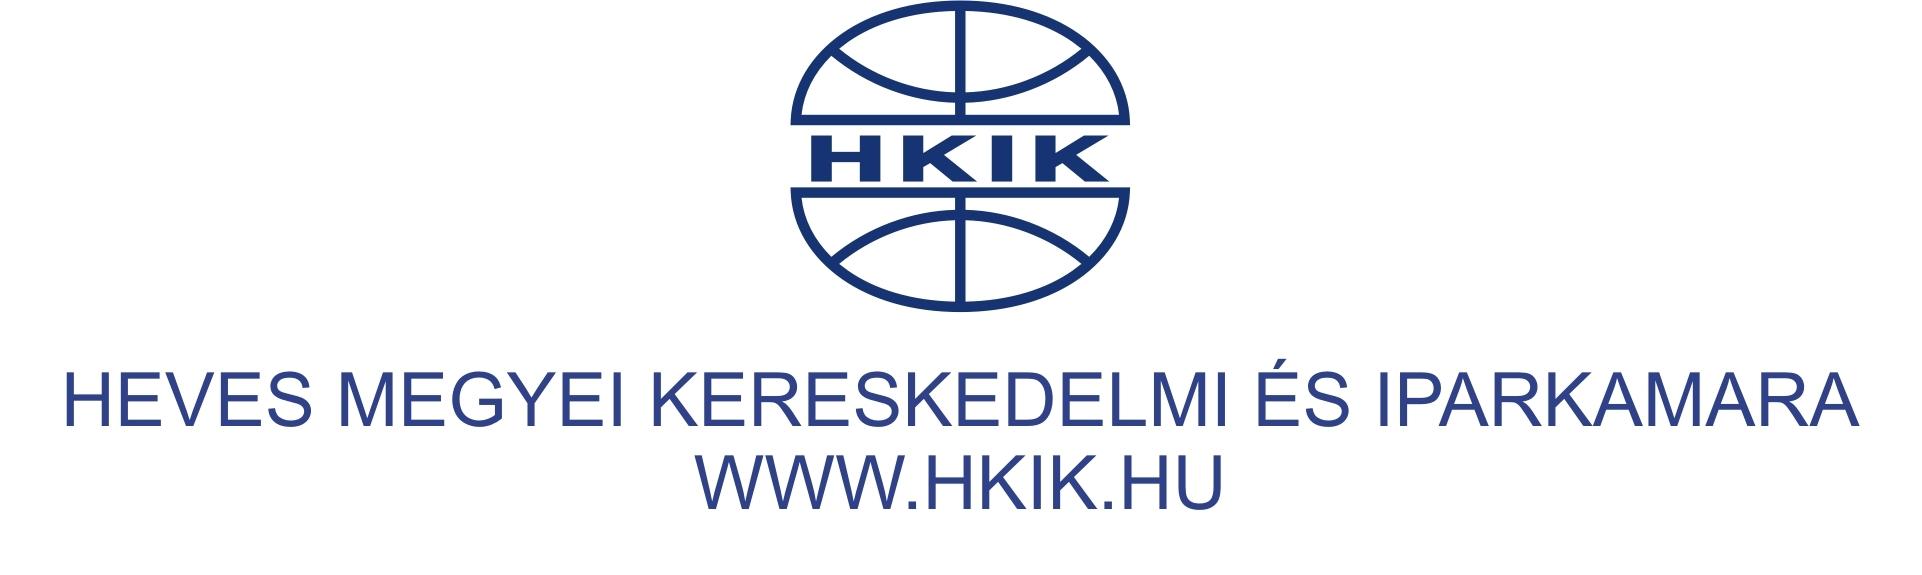 hkik_webes_logo_4.jpg